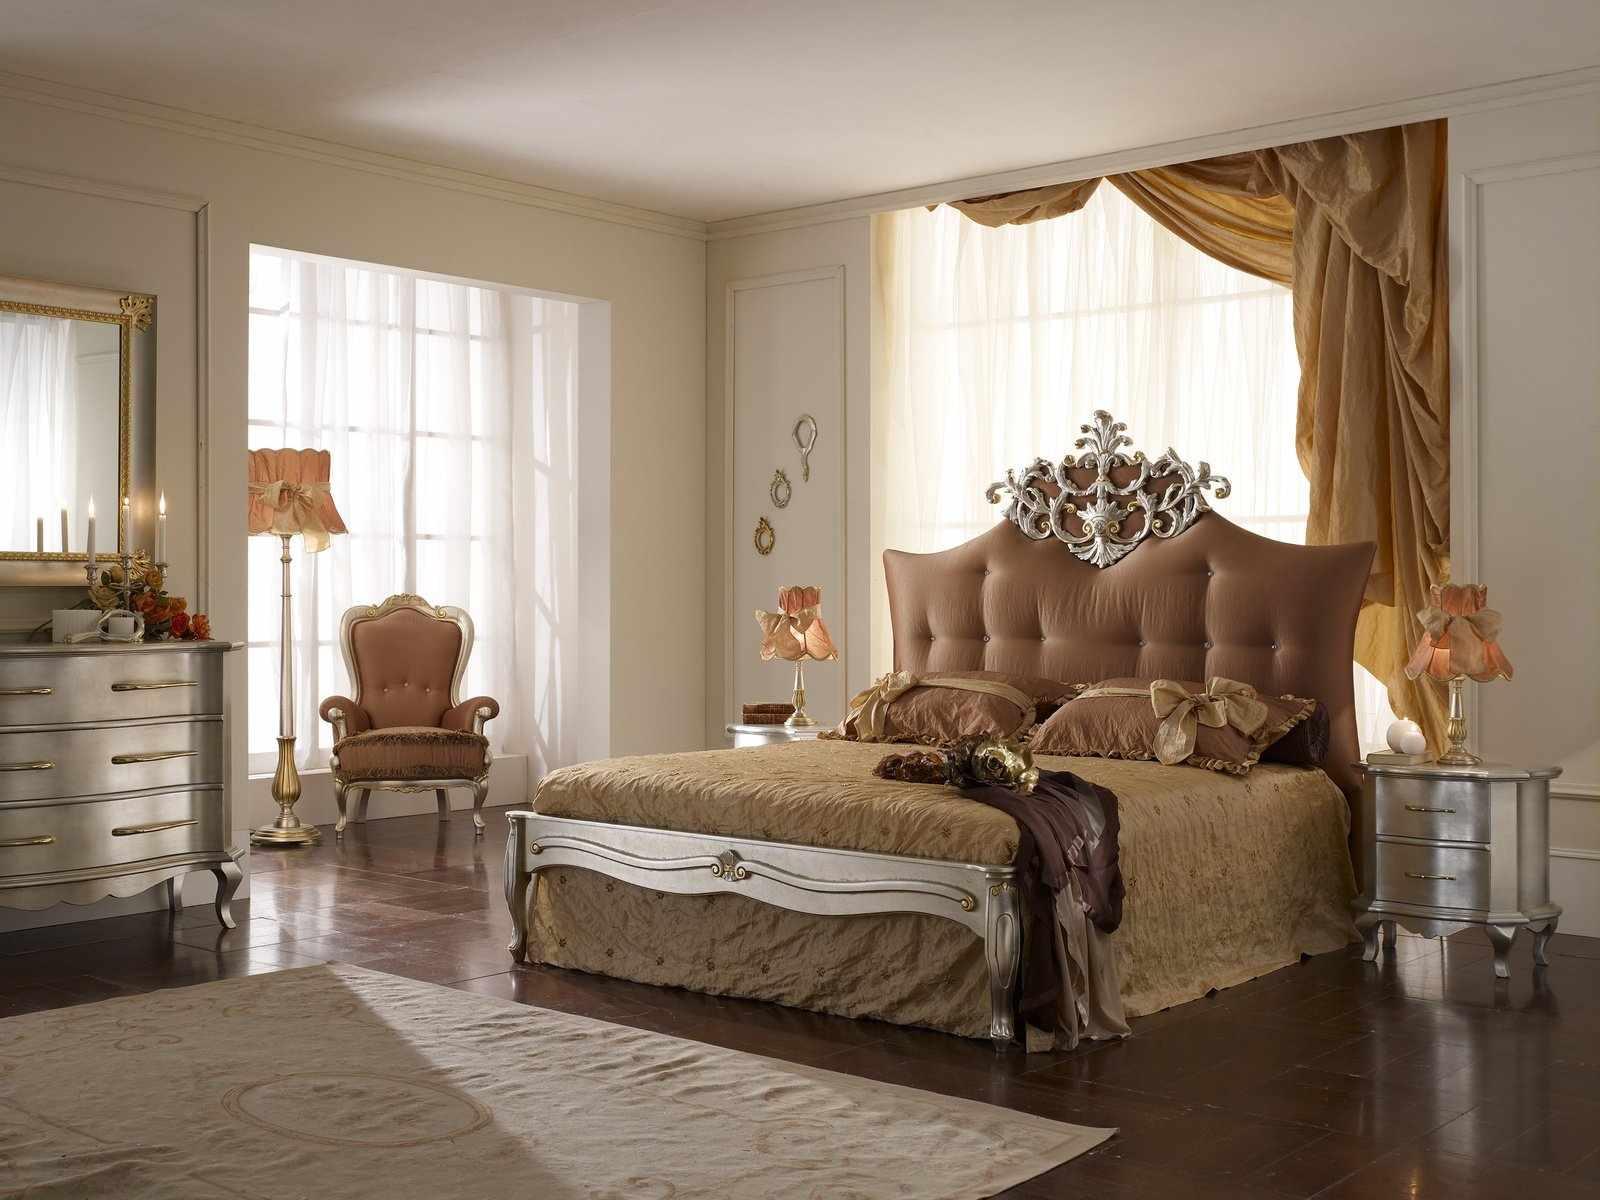 Спальня с двумя окнами в светлых тонах